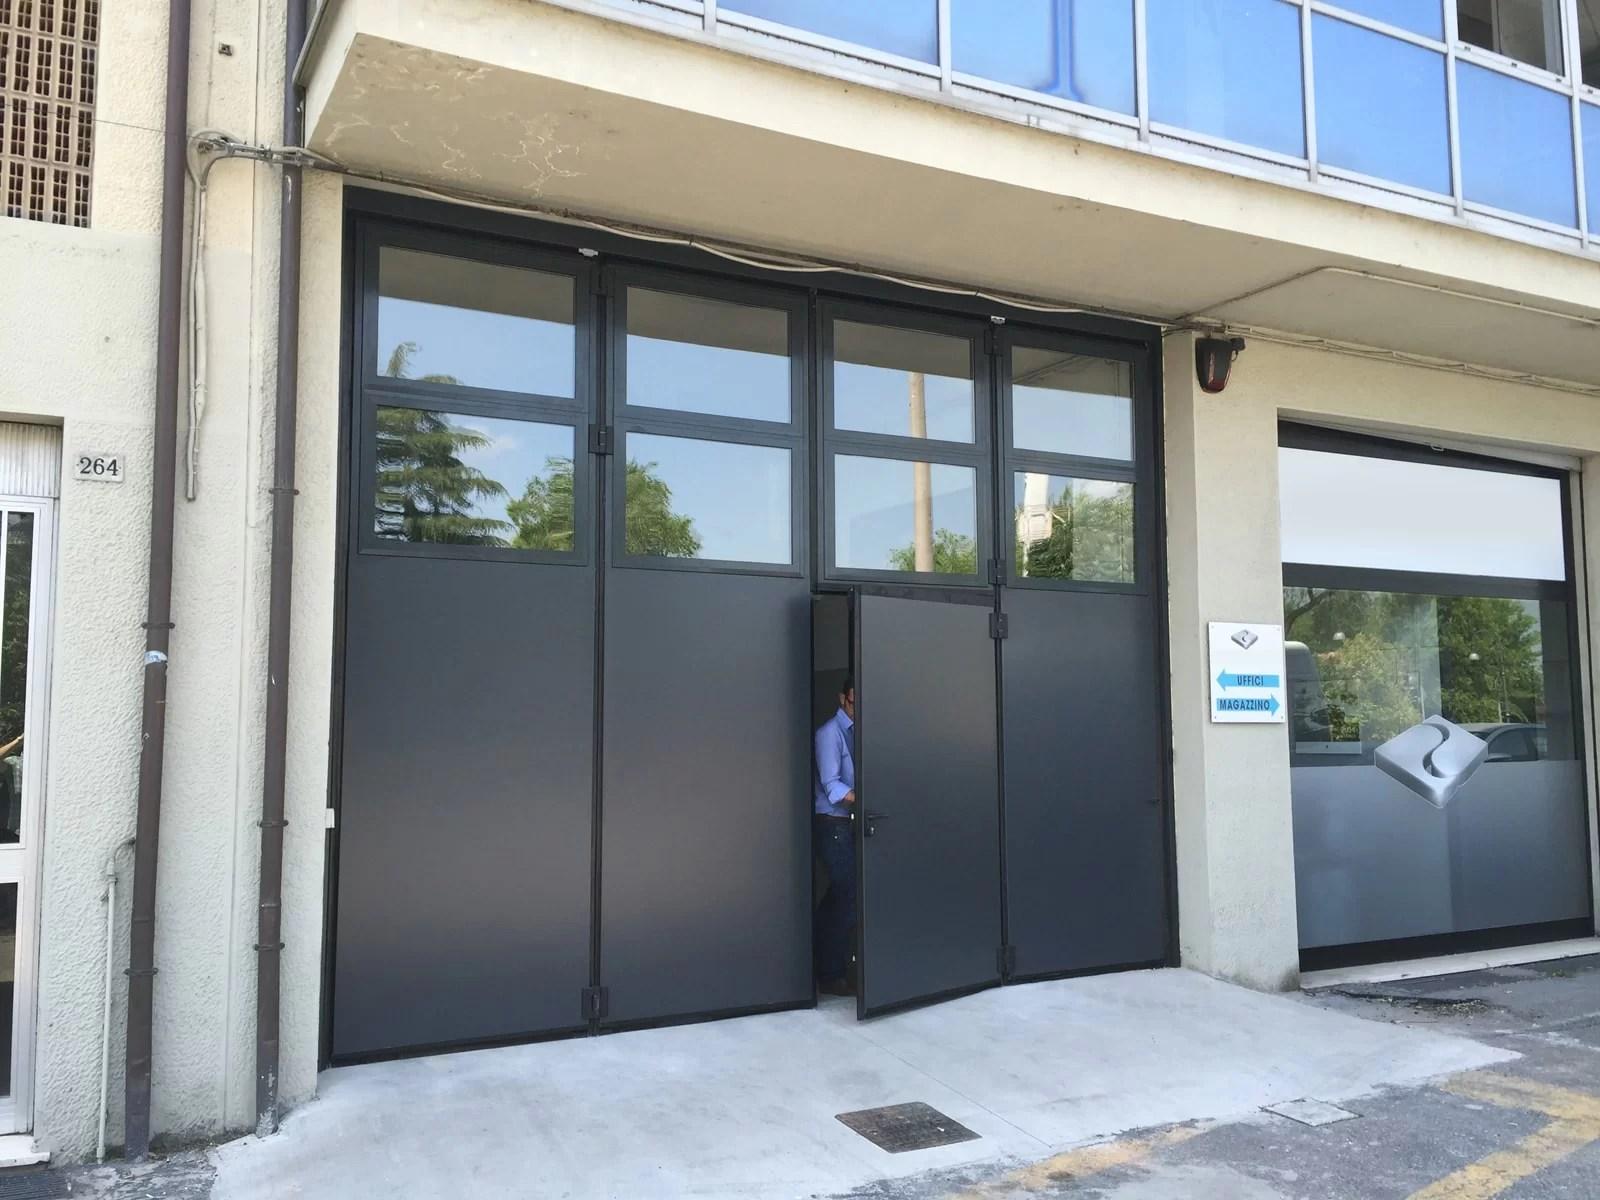 Portone a libro industriale ADONE - Grigio RAL 7016 con vetrature